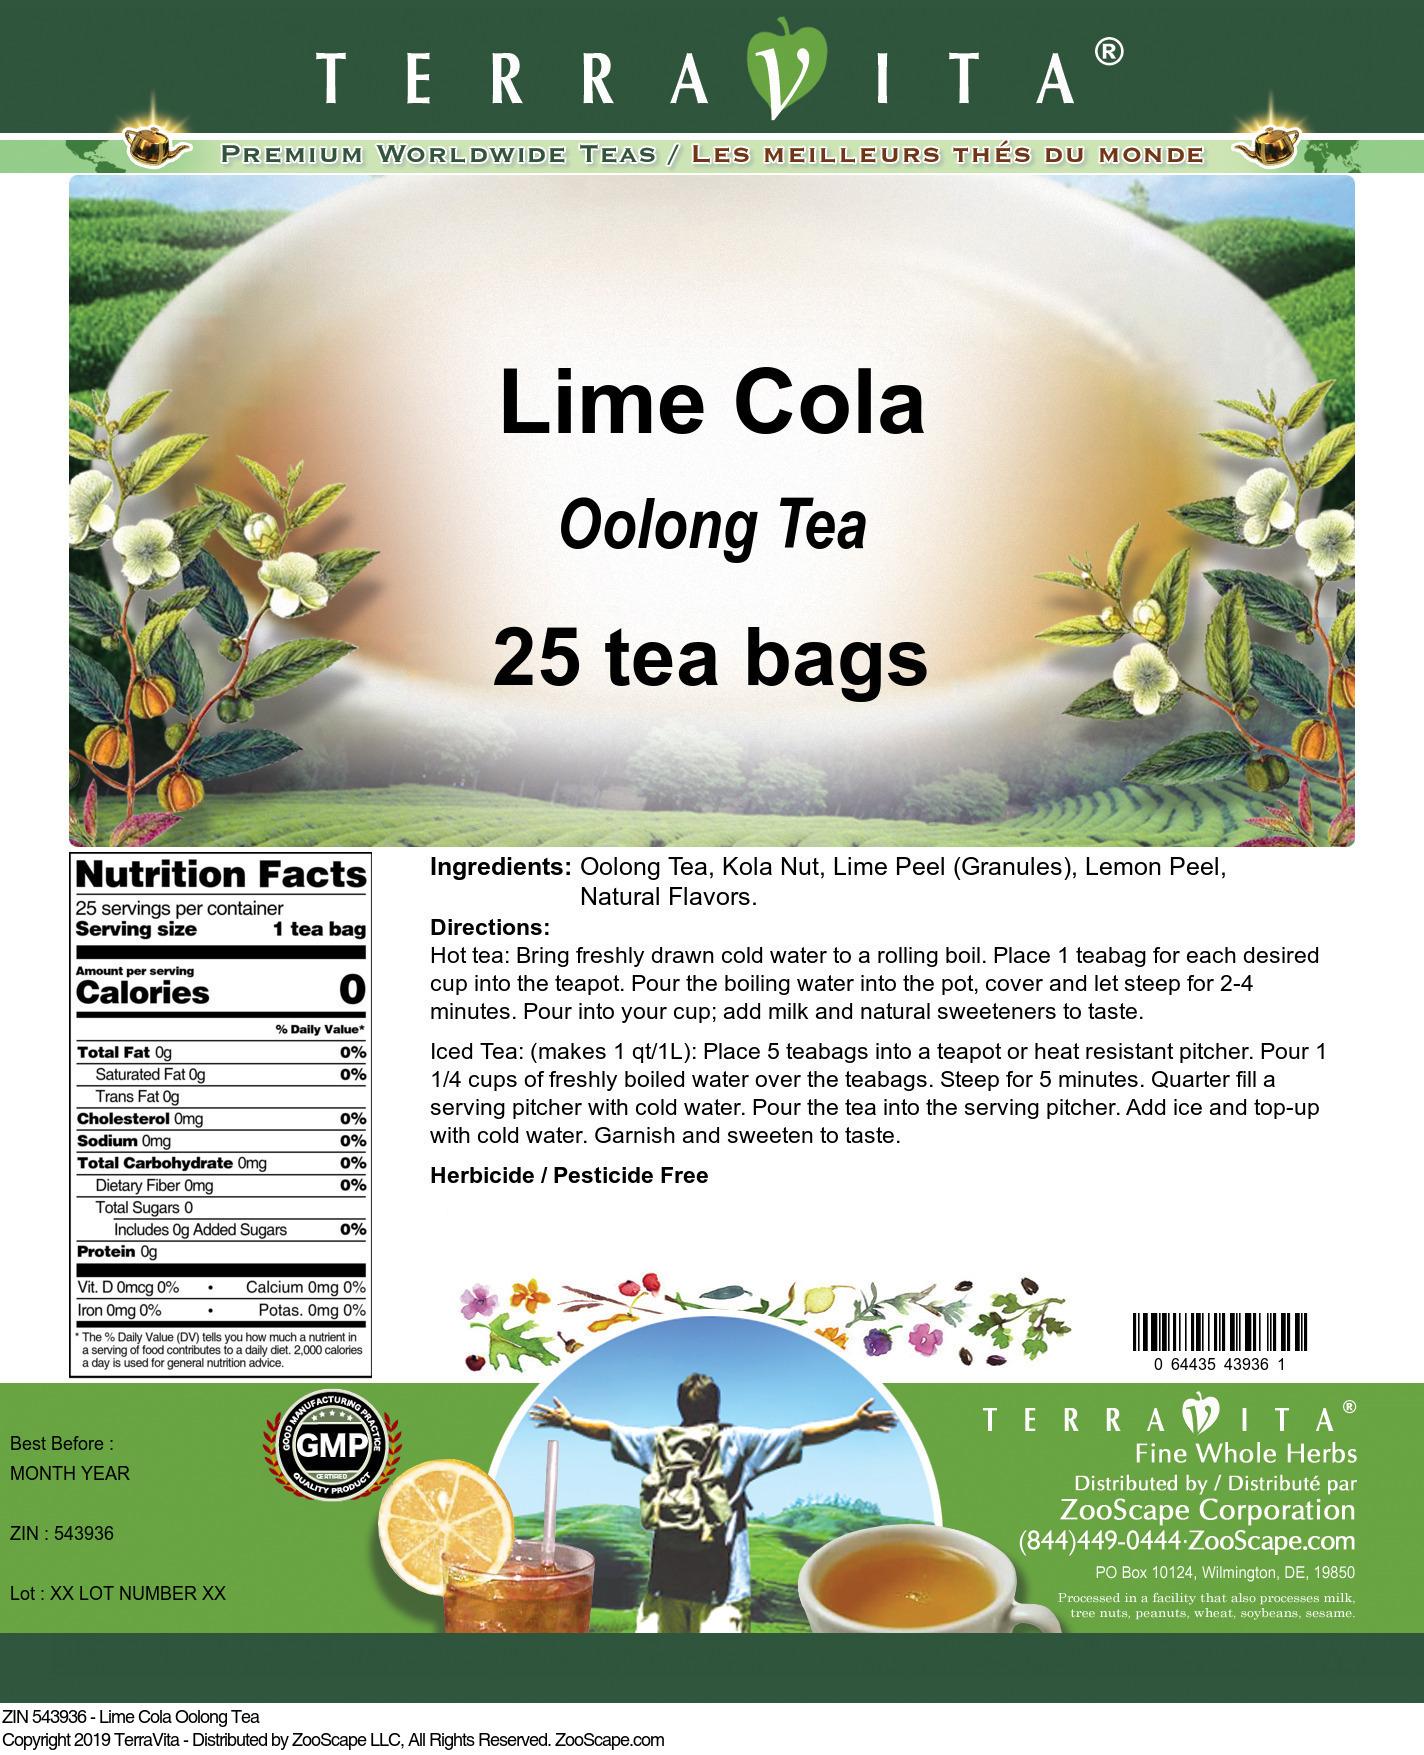 Lime Cola Oolong Tea